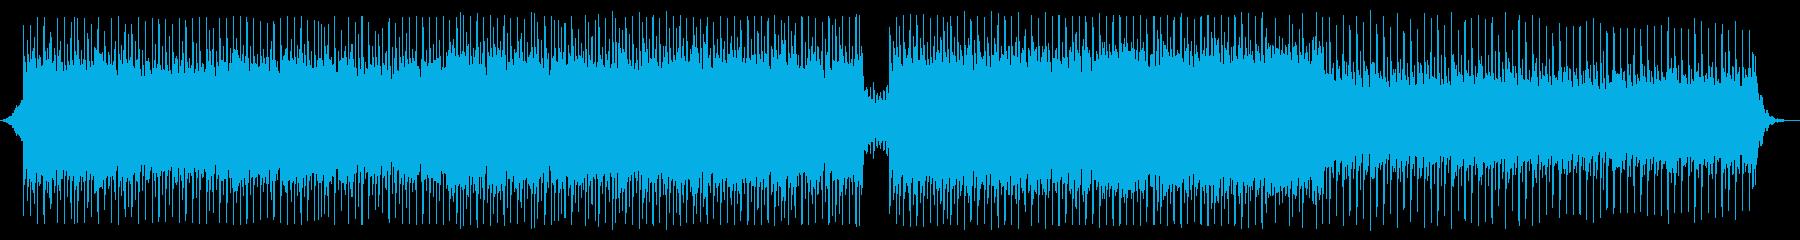 企業VP系002 爽やかなピアノとギターの再生済みの波形